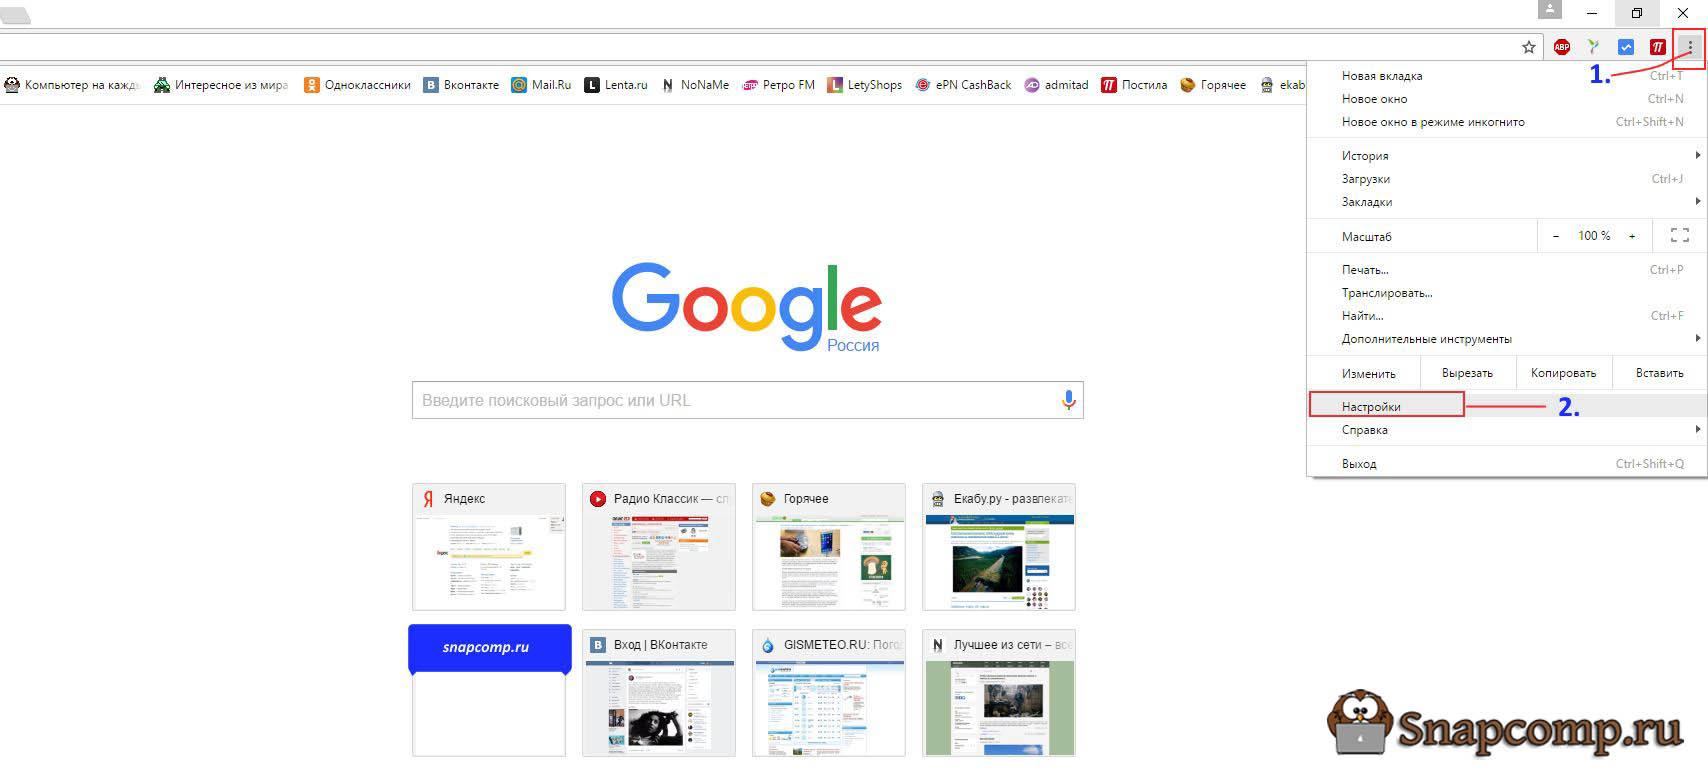 Как искать в Гугле (Google) 70